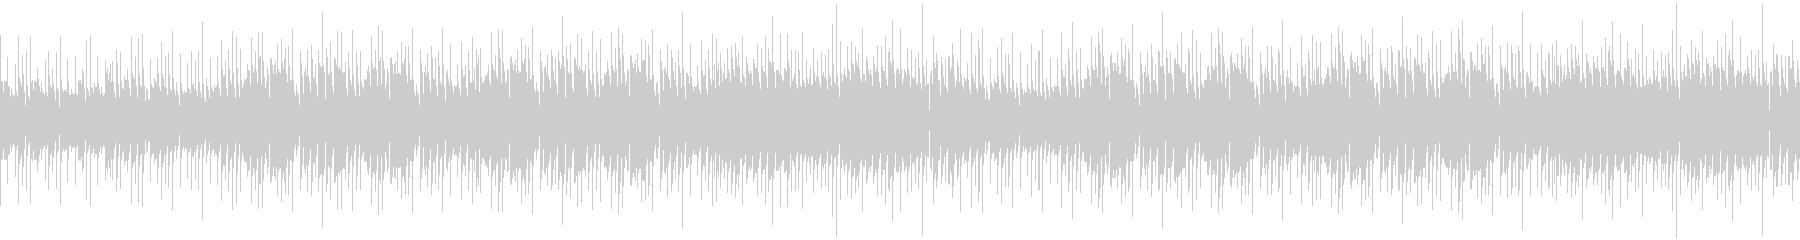 活気のあるエレキのアルペジオの未再生の波形